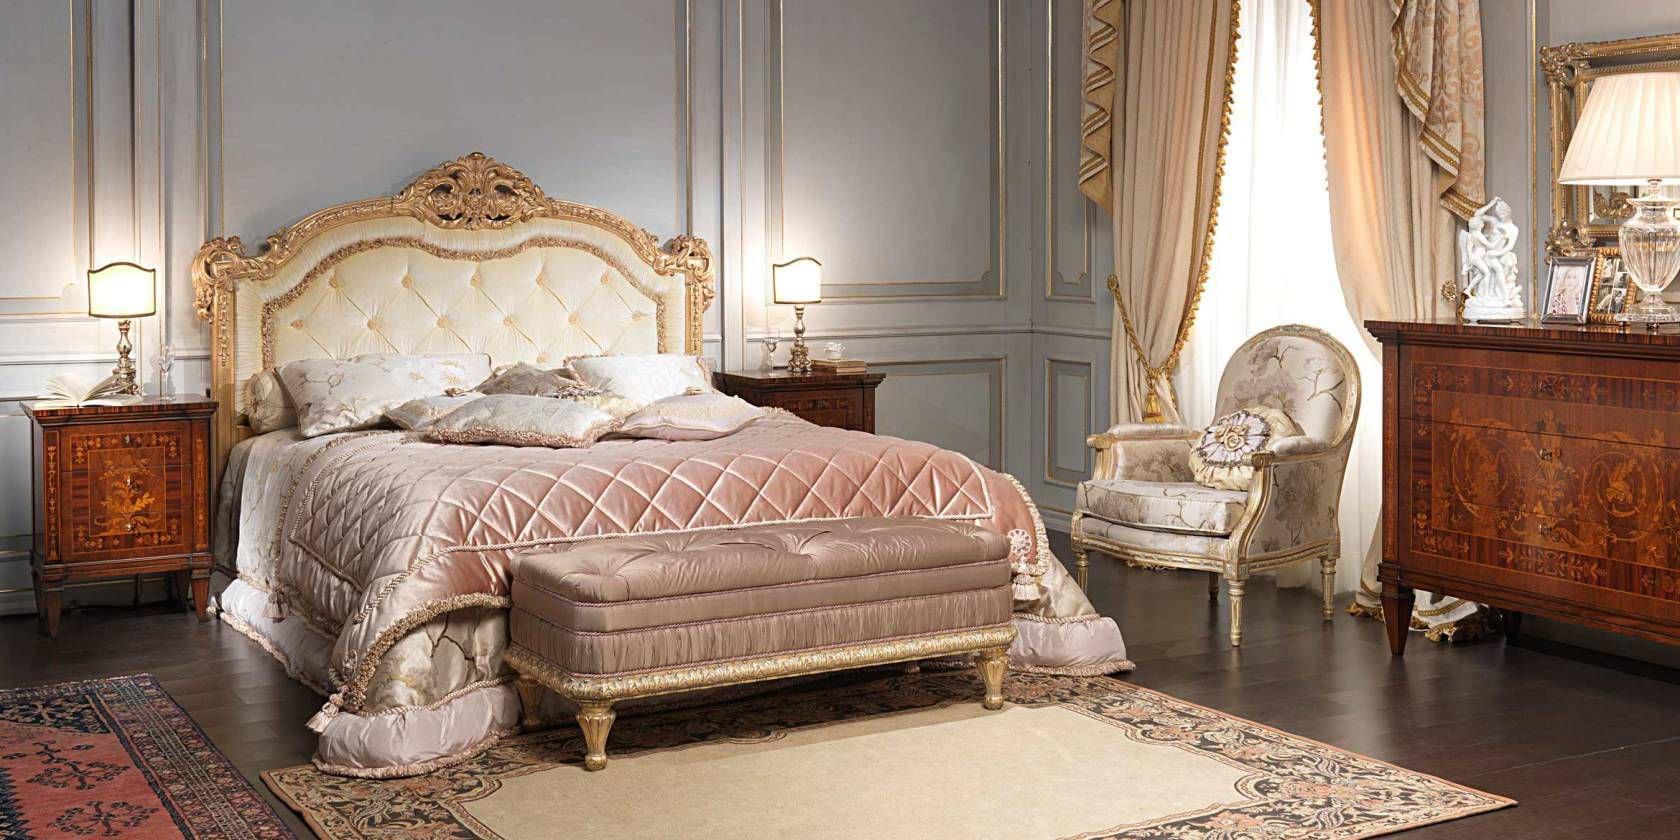 Camera da letto matrimoniale stile veneziano: camera da letto in ...